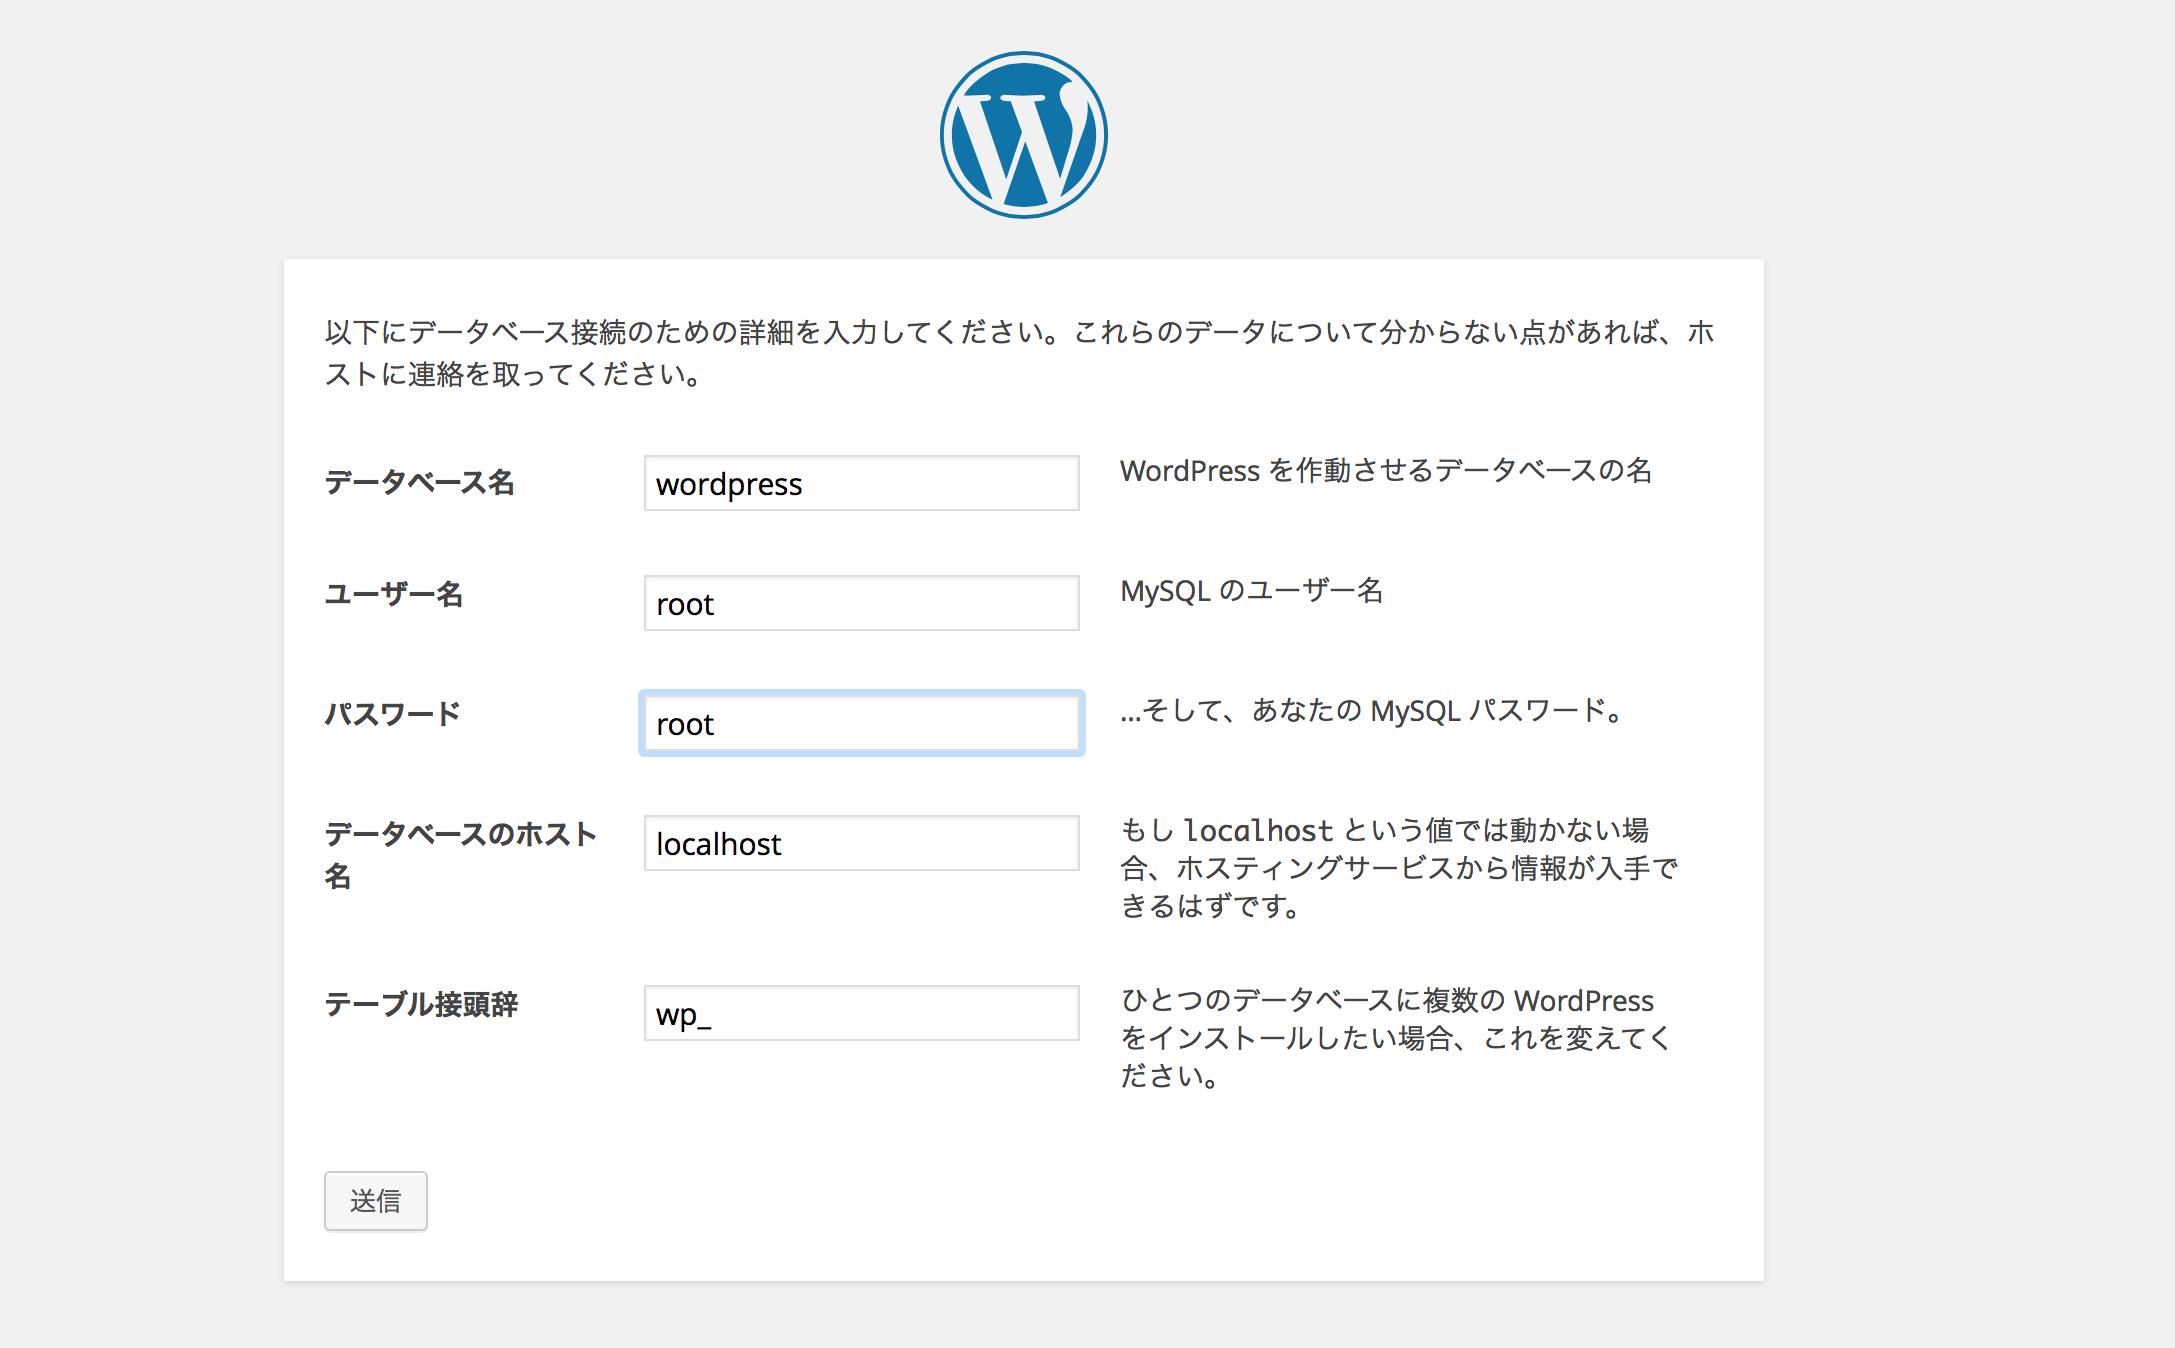 Wordpressローカル11